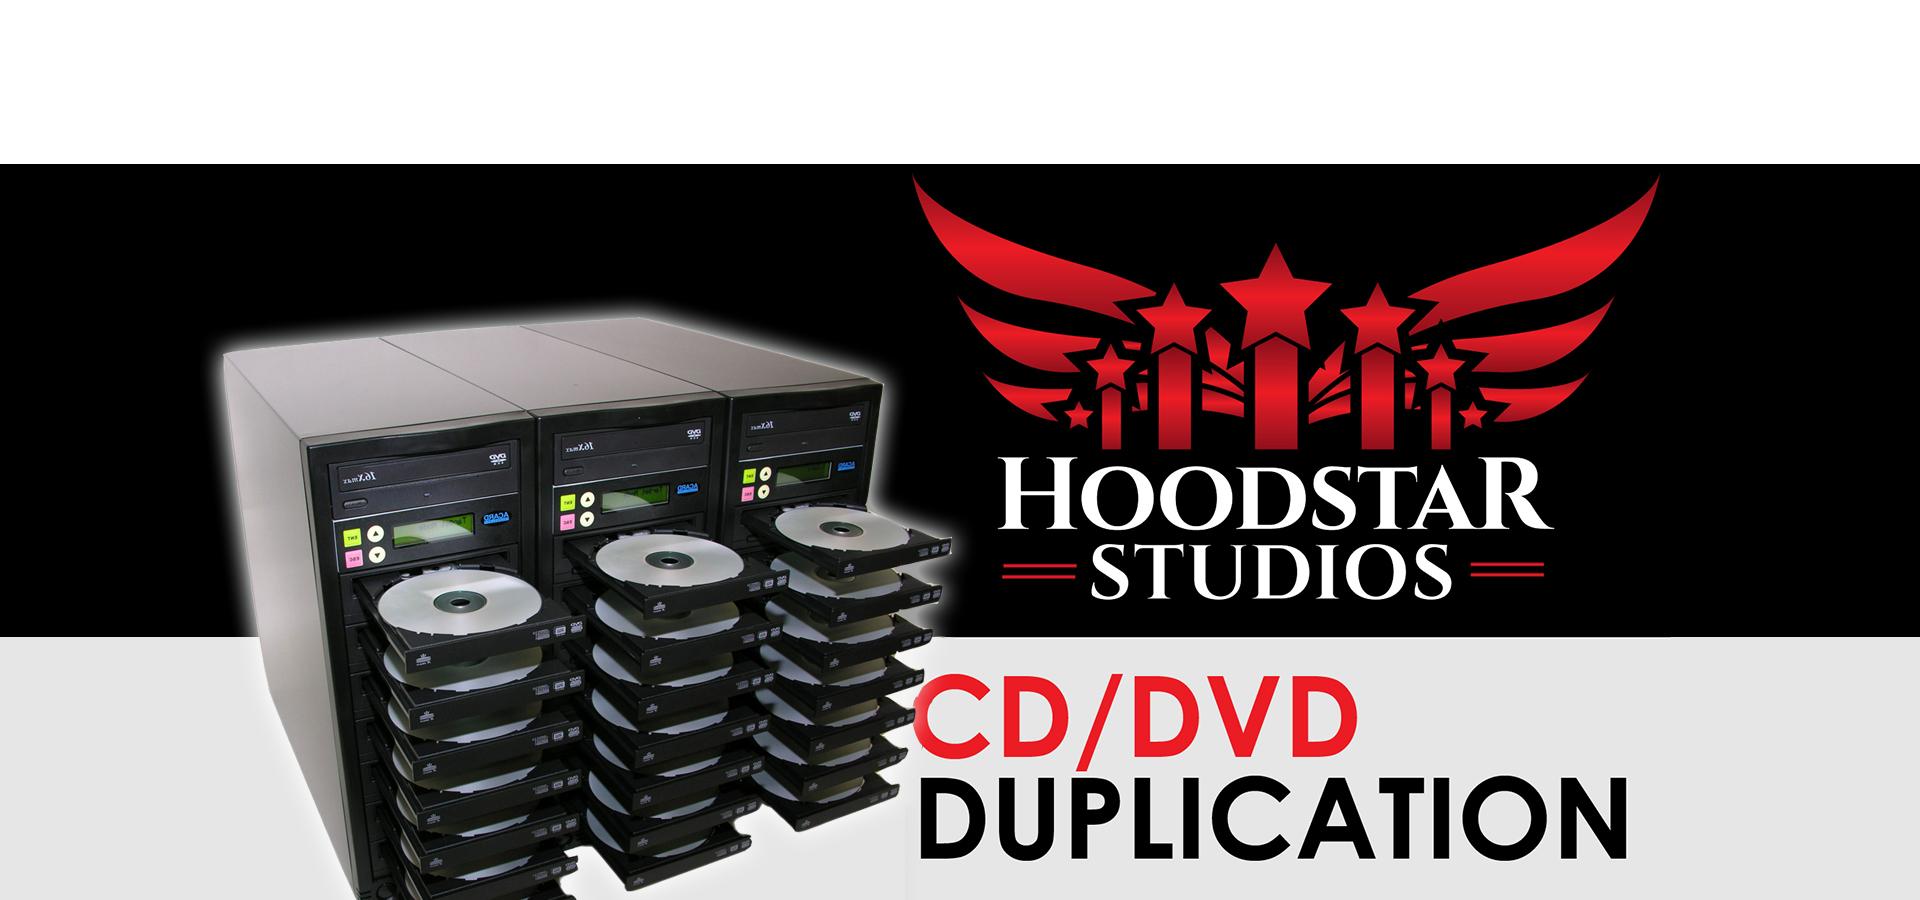 Cd Dvd Duplication Hoodstar Studios